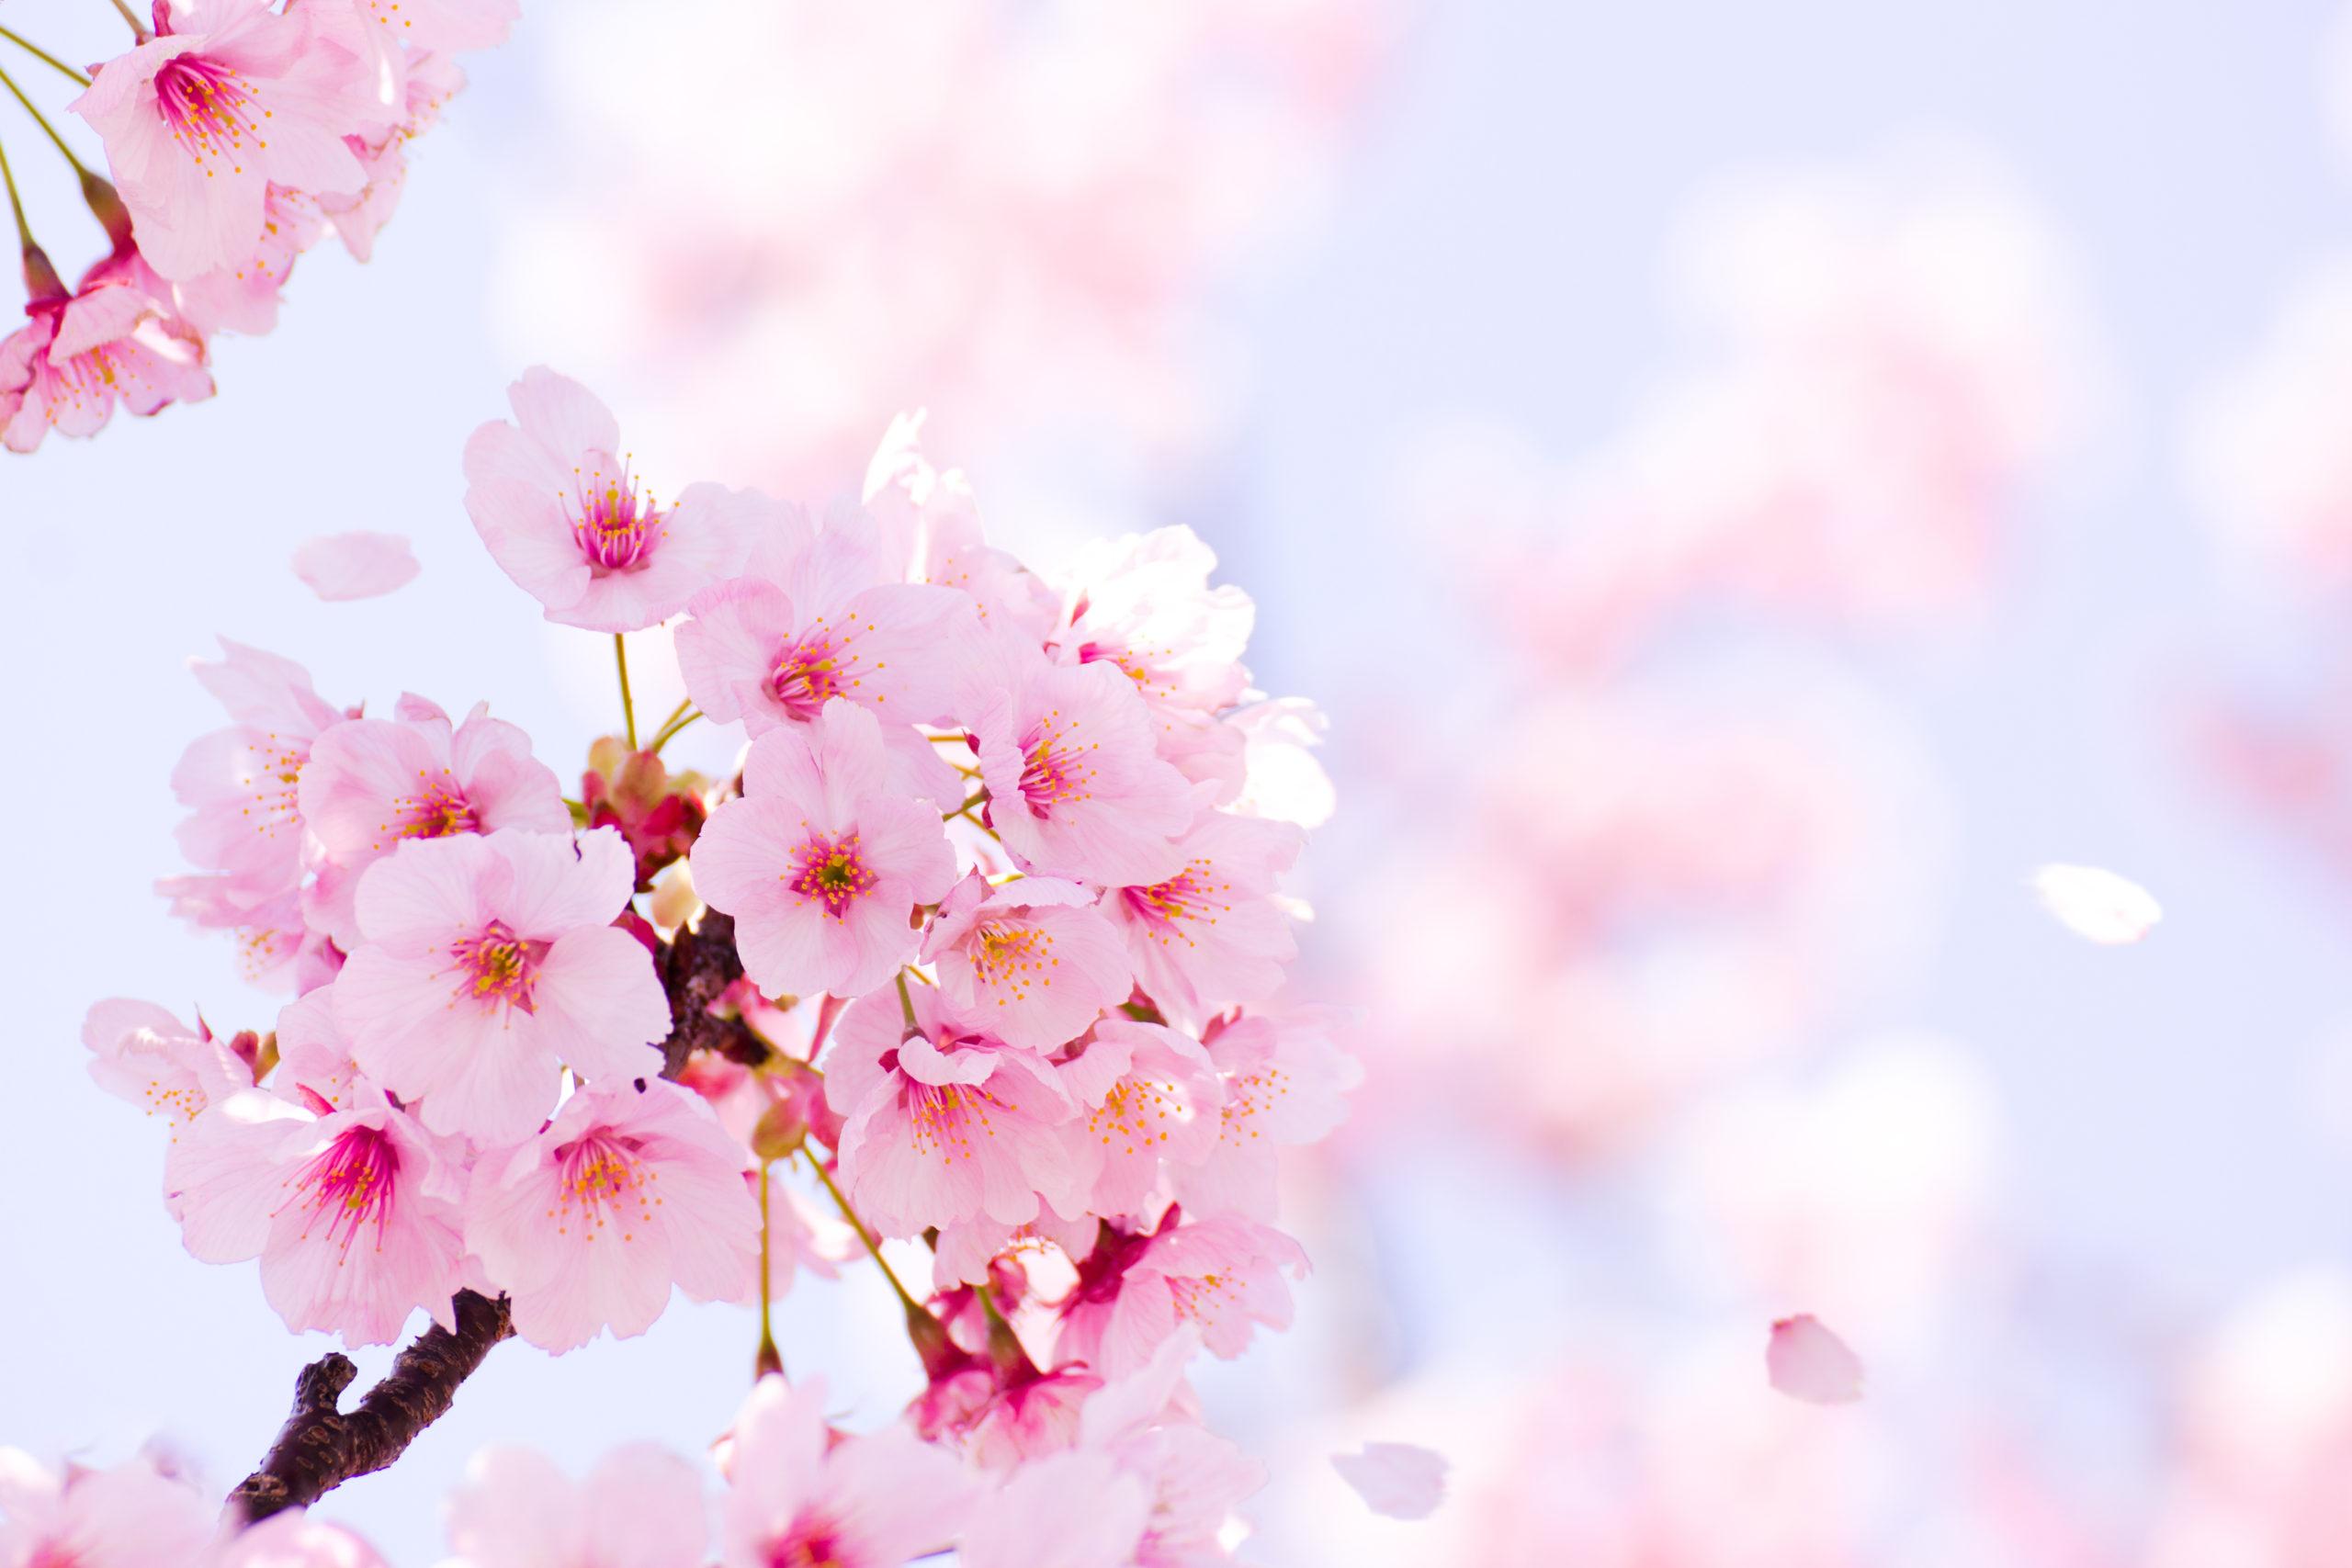 桜の季節となりました